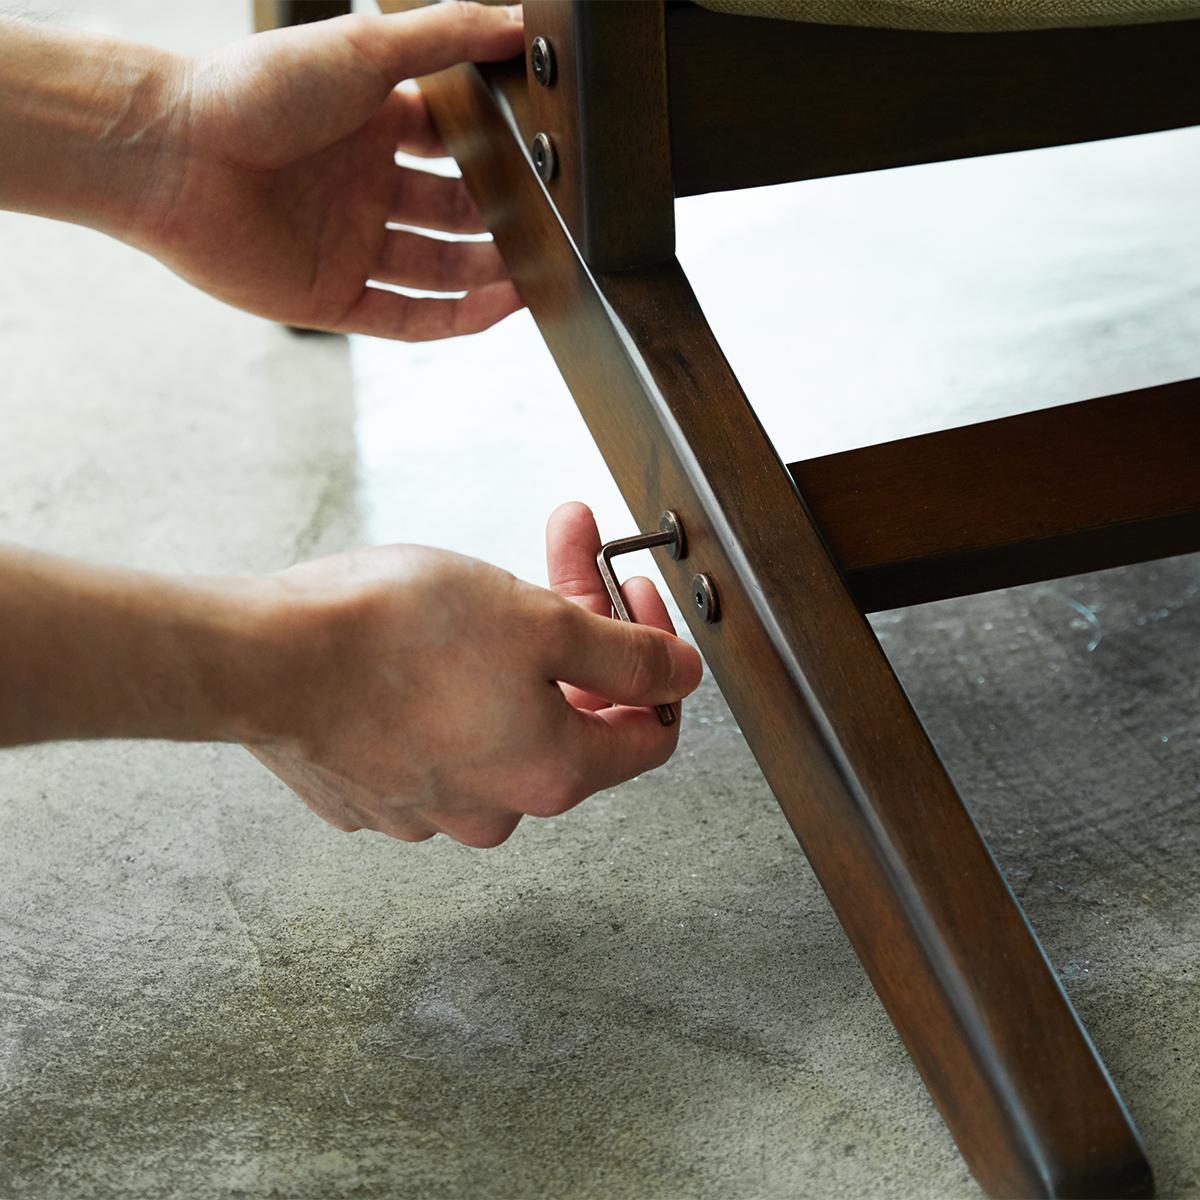 立ち座りもスムーズ、ひじ掛けの幅や長さもつかみやすい形にこだわっています。体にいい姿勢でリラックス!首も腰も好きな角度に調節できる寝椅子(リクライニングチェア)|P!nto